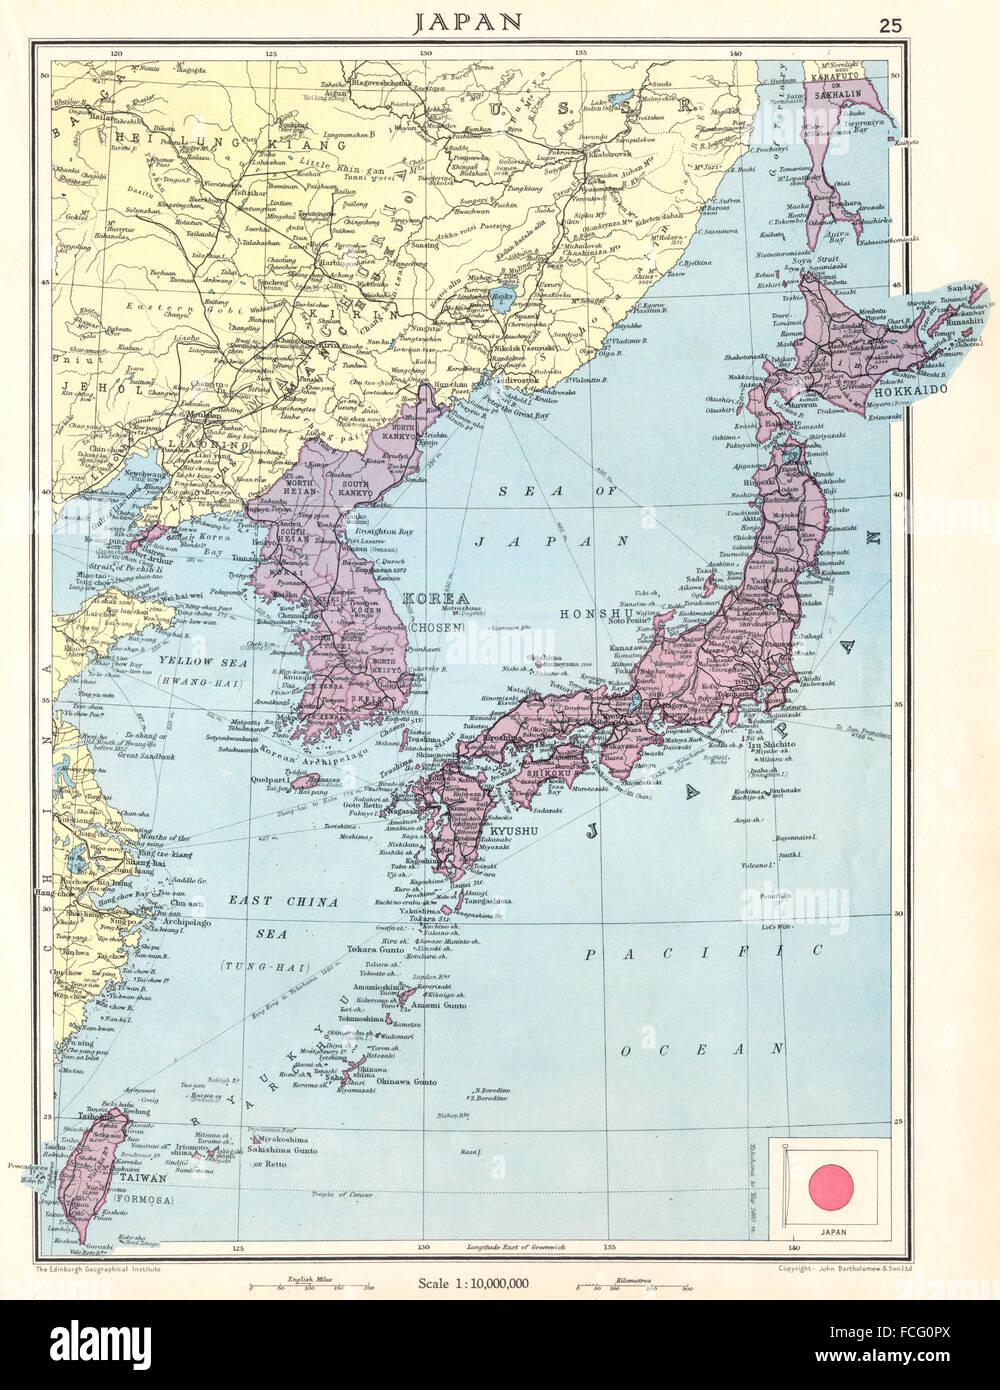 Imperio japons japn corea taiwn port arthur kwang tung imperio japons japn corea taiwn port arthur kwang tung territorio 1938 mapa gumiabroncs Choice Image